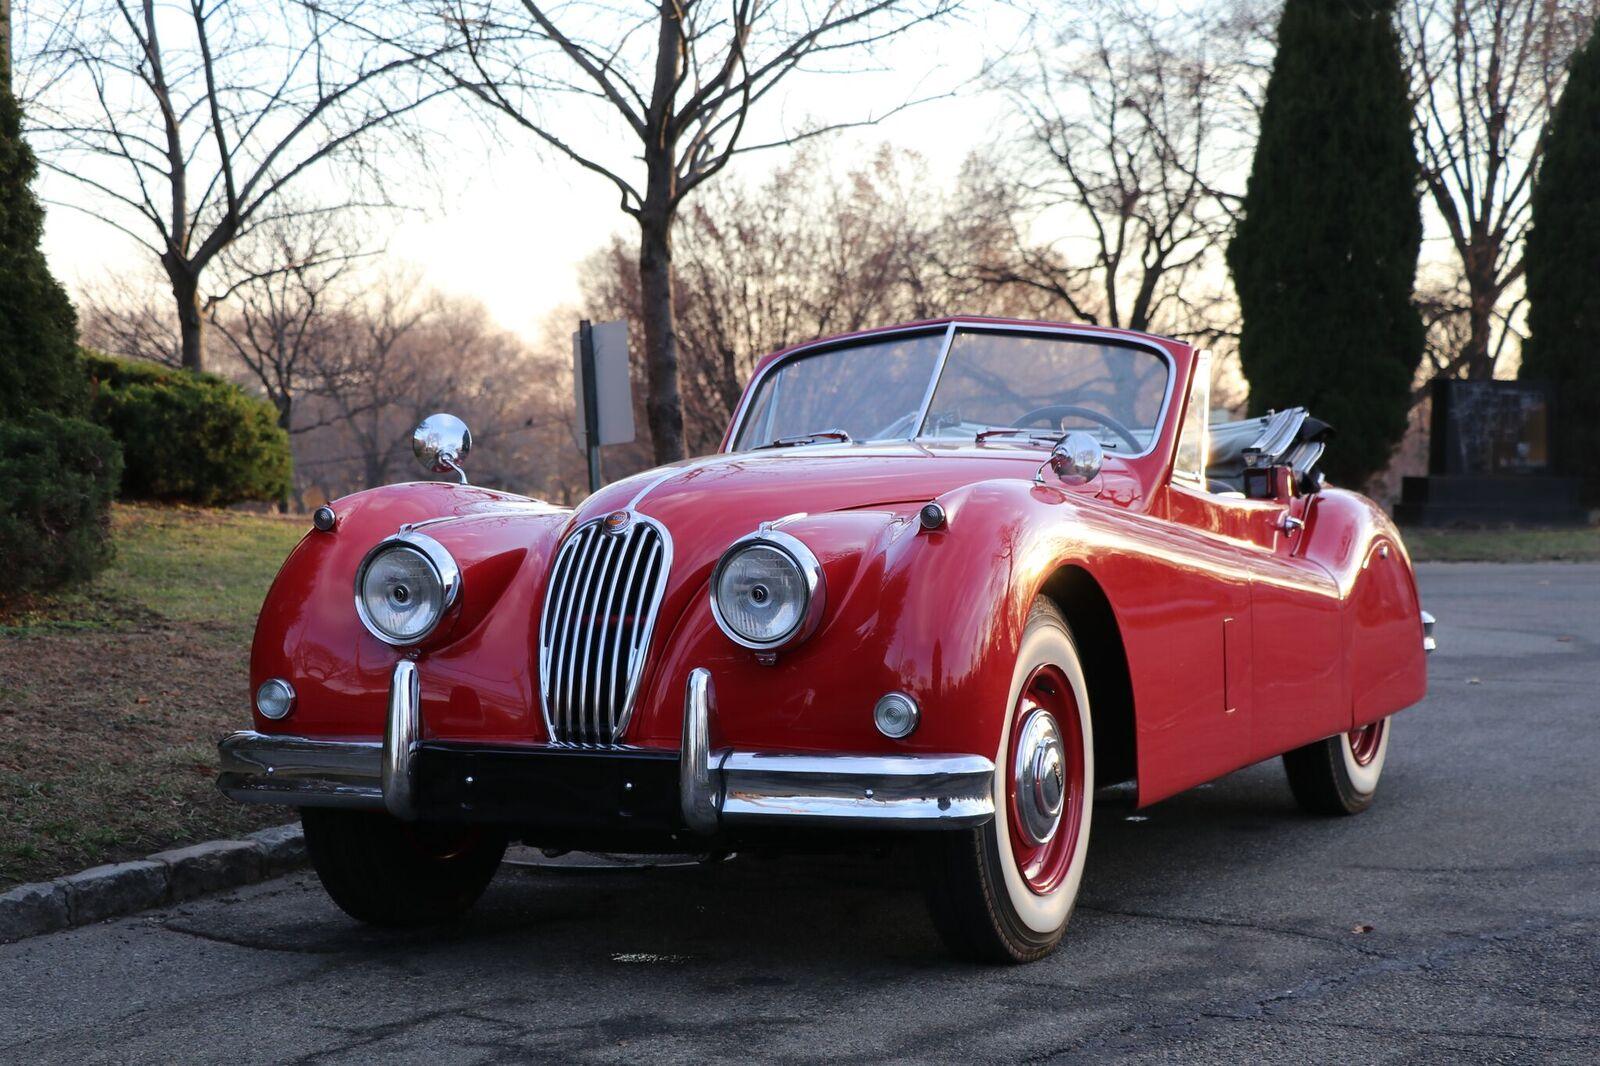 # 22164 1957 Jaguar XK150 Red (23)_preview